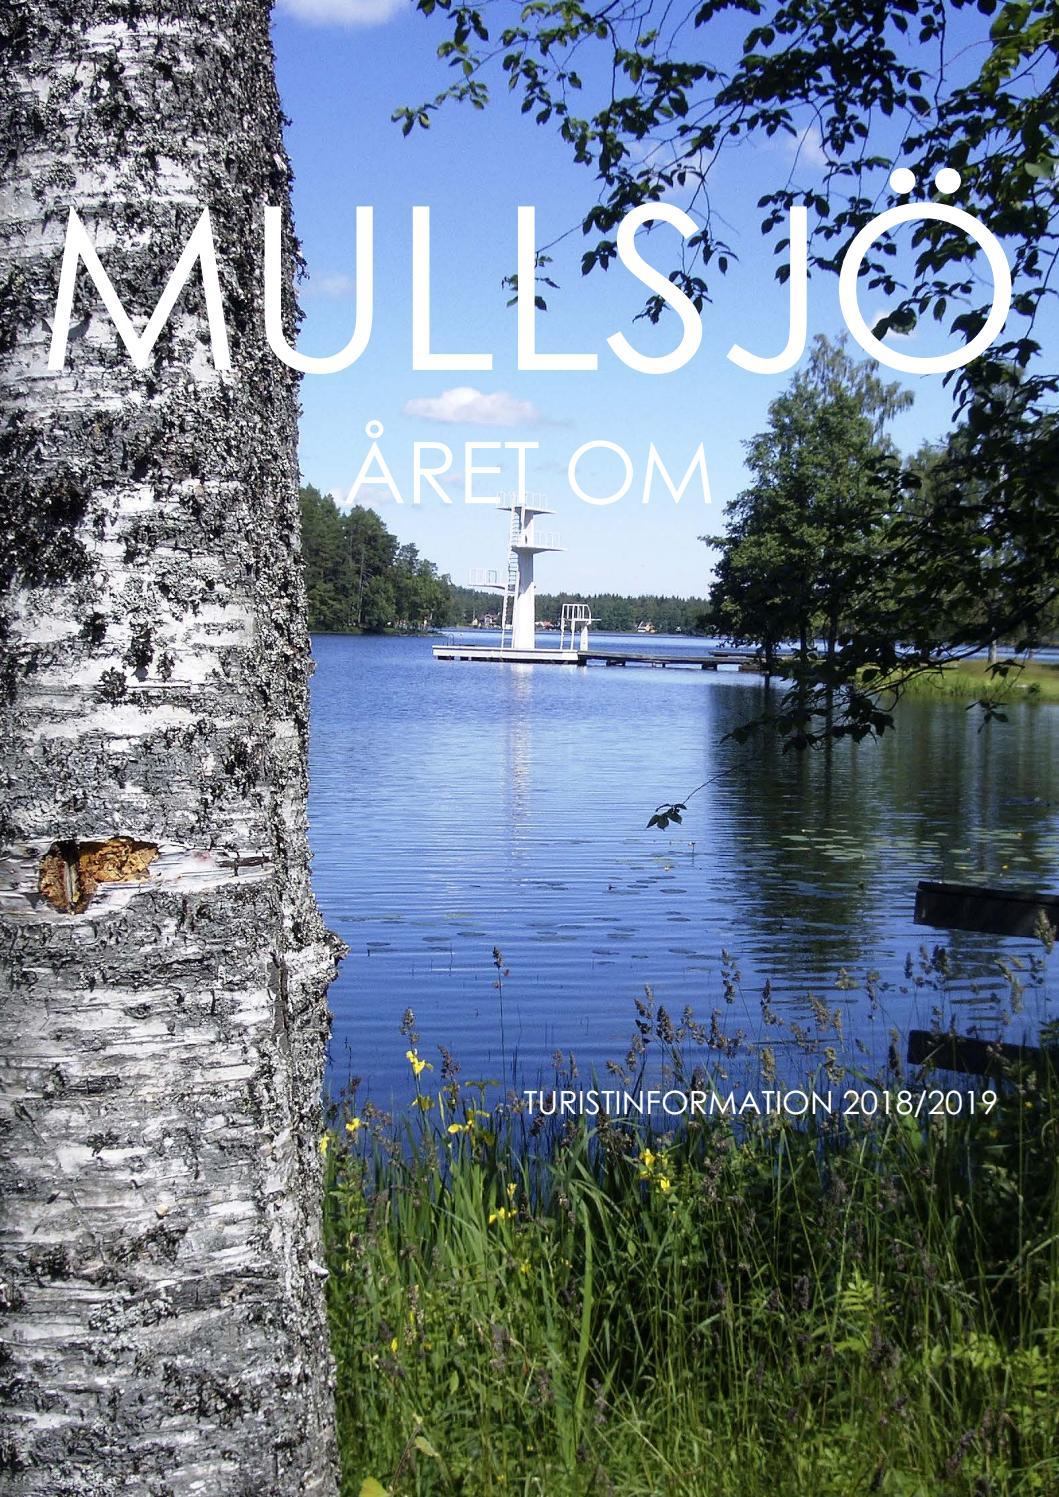 Gudstjnster - Mullsj-Sandhems frsamling - Svenska kyrkan